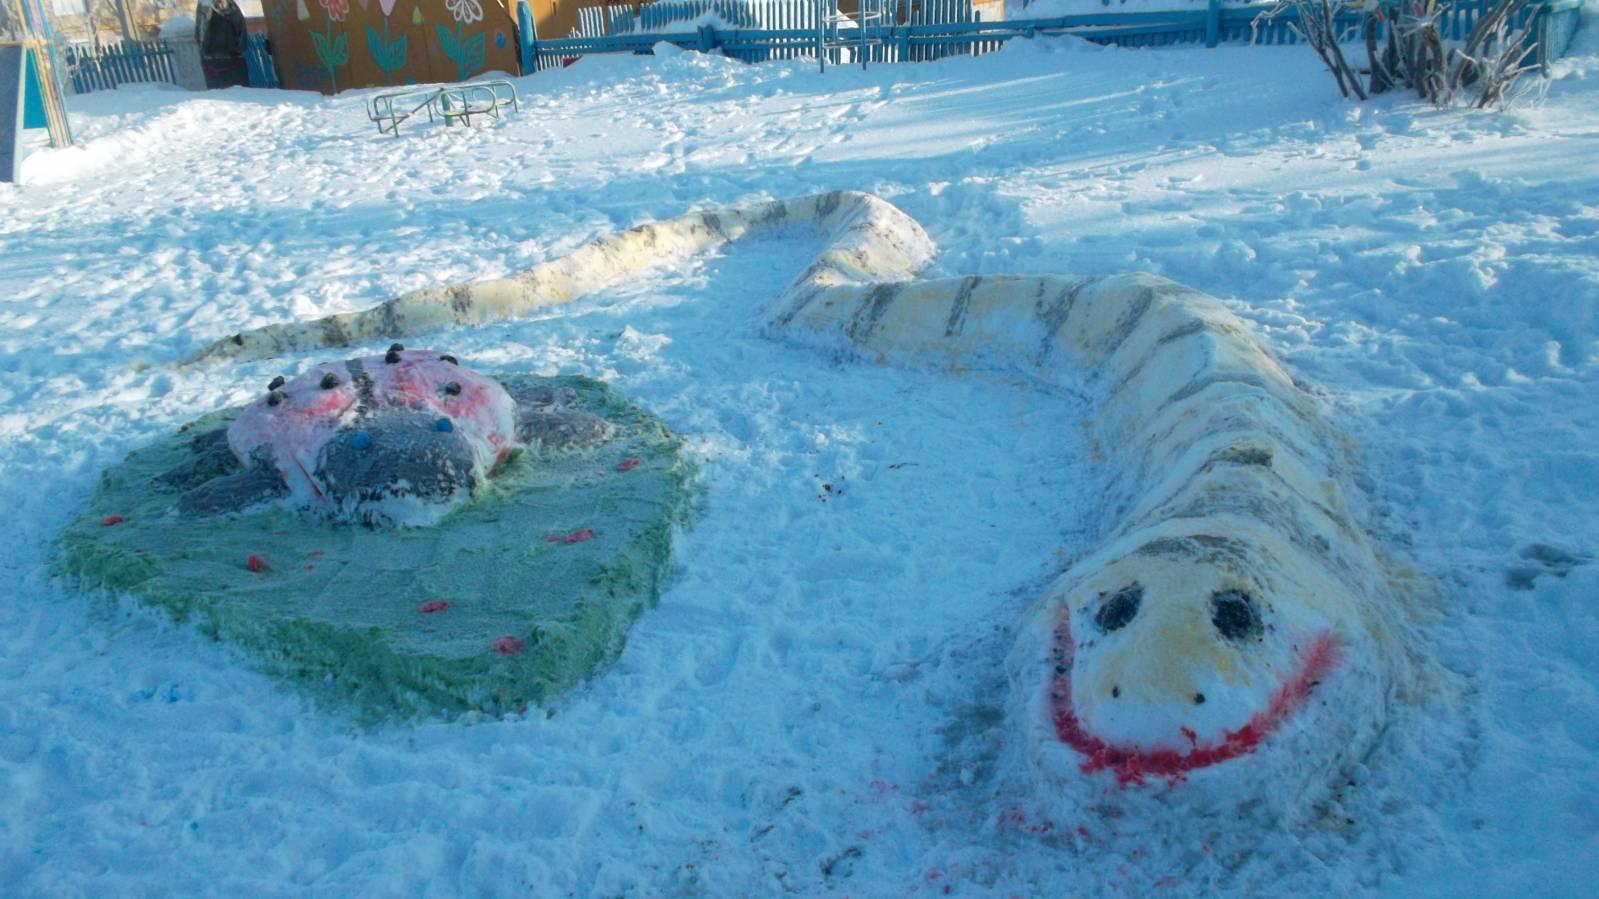 Поделки из снега на участке детского сада своими руками фото 26